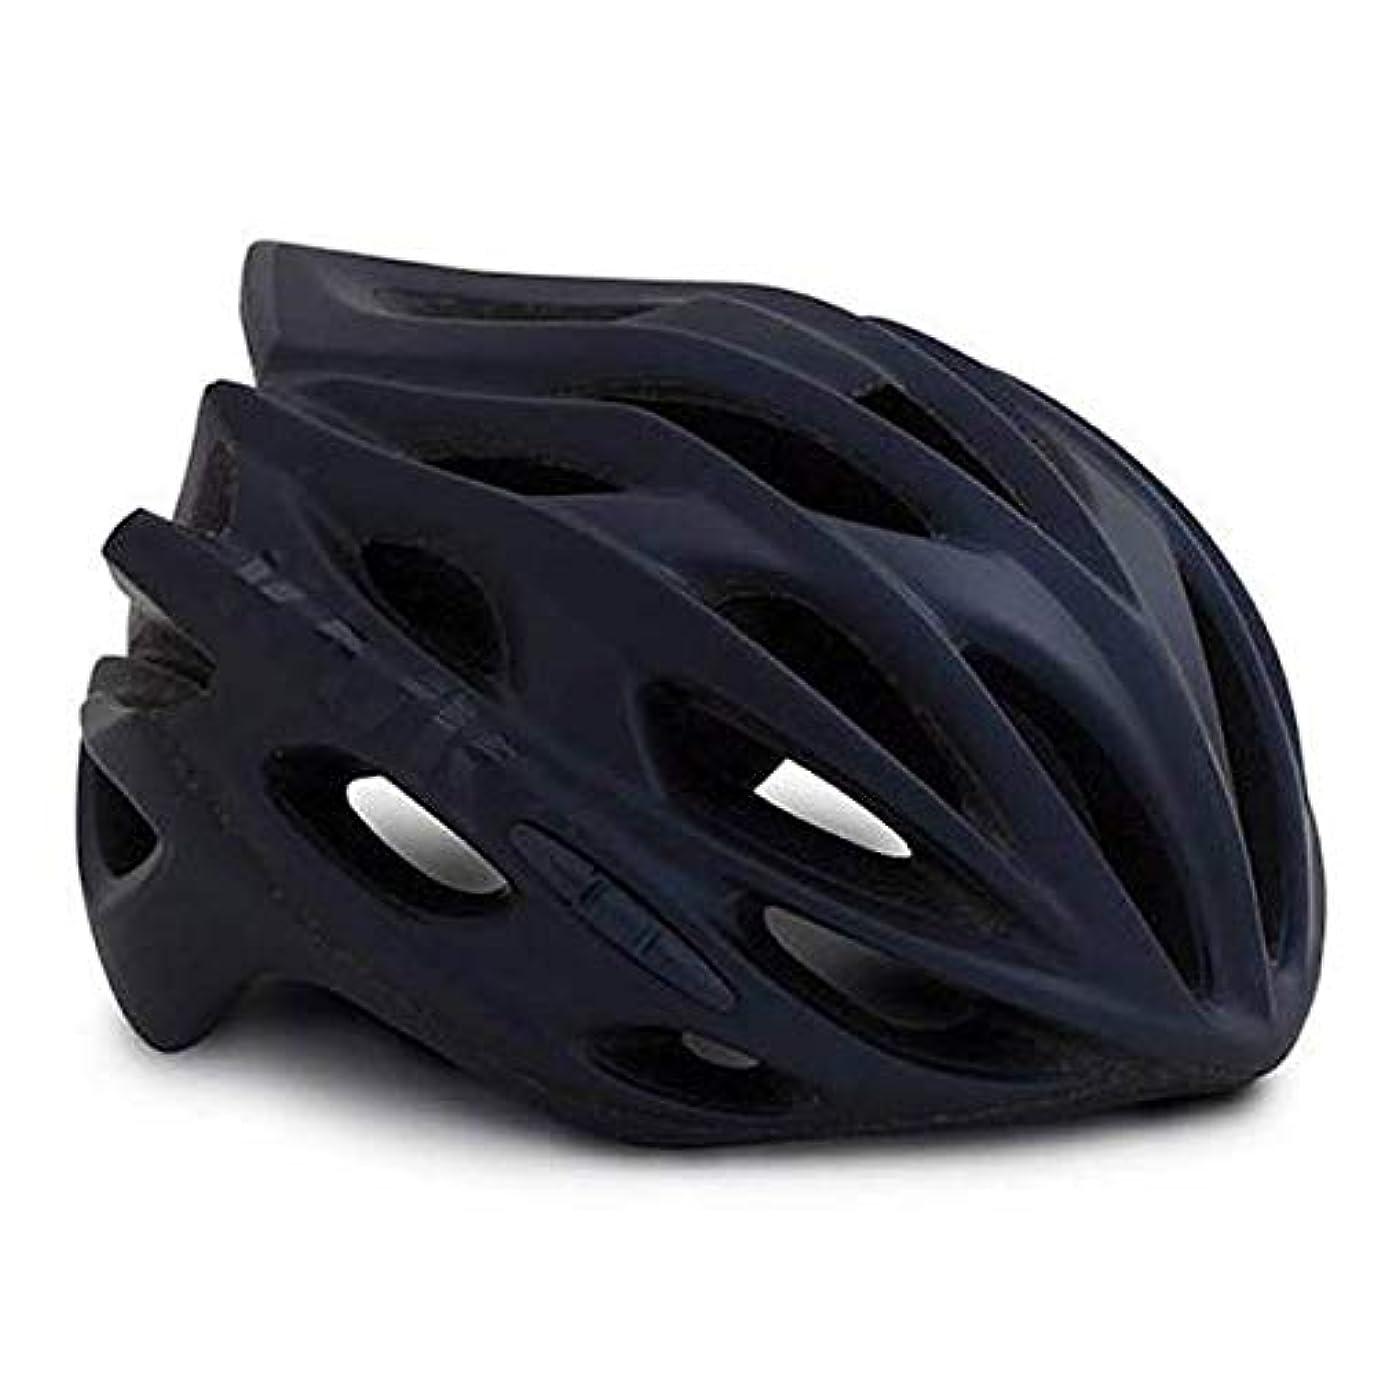 カウントアップ時々オプショナルKASK(カスク) ヘルメット MOJITO X BLU MATT L サイズ:59-62cm